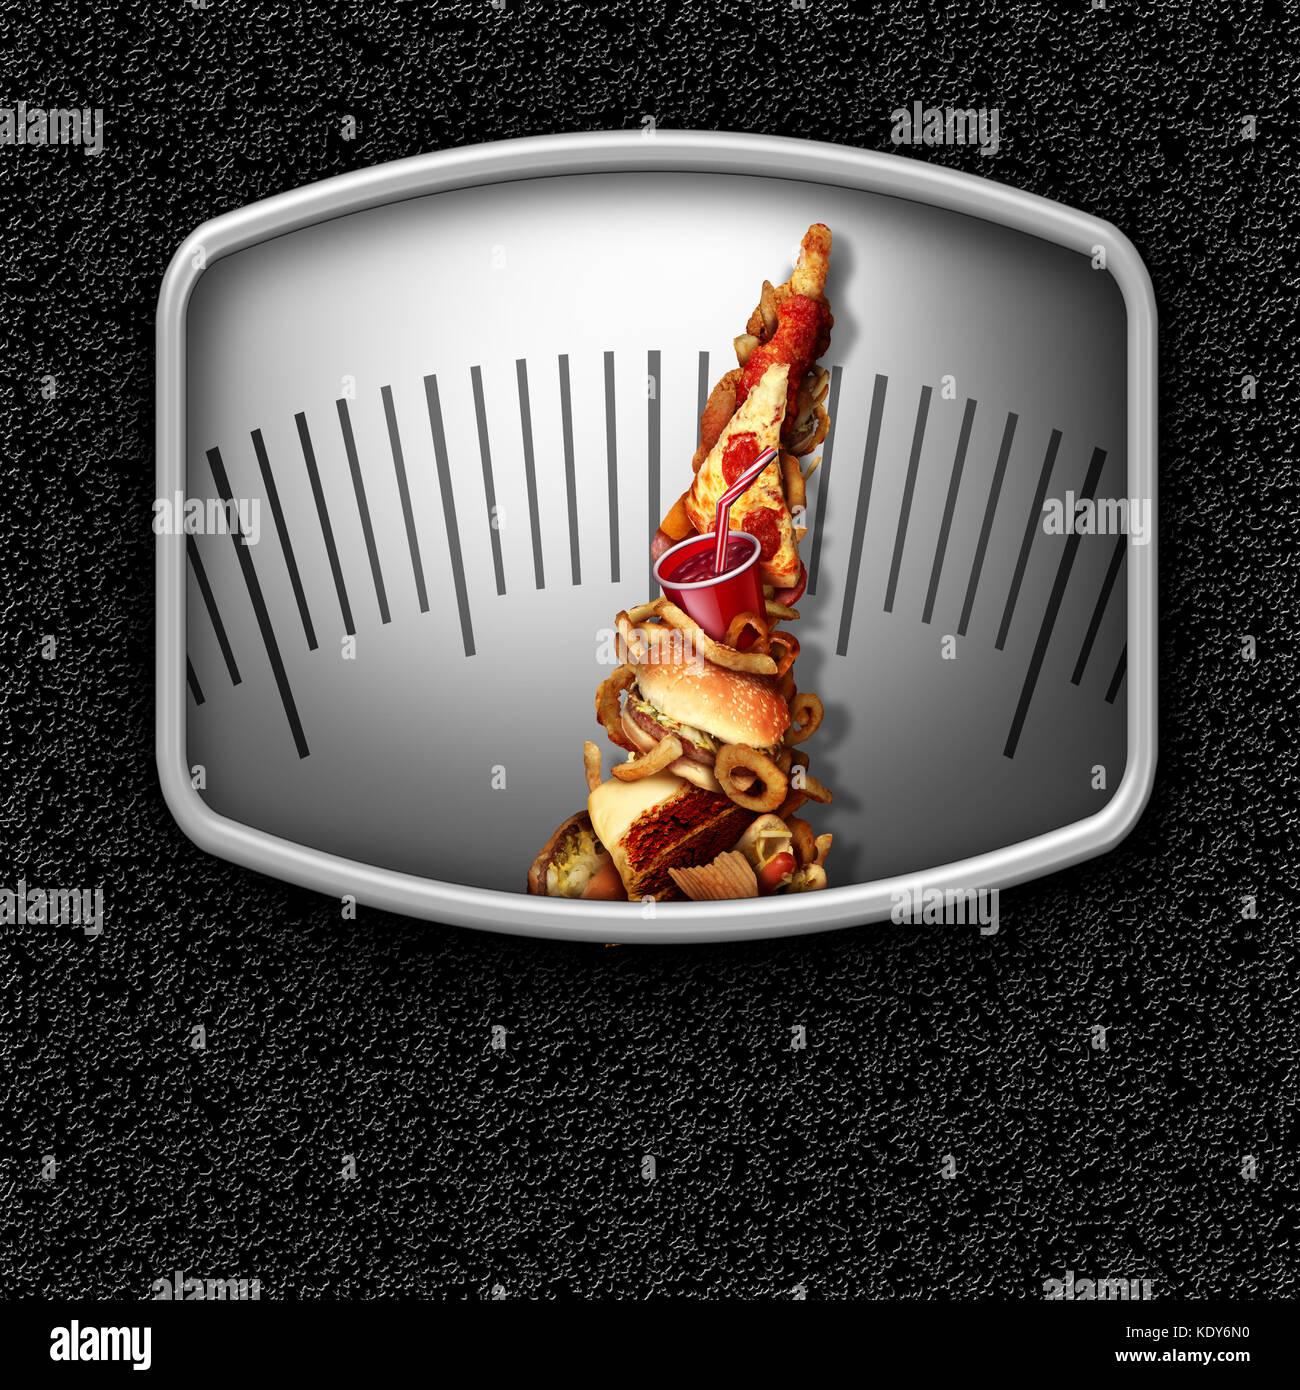 Junk food Waage als ungesunde Snacks wie eine Messanzeige Nadel als Fettleibigkeit Bedienkonzept mit 3D-Render Elemente Stockfoto